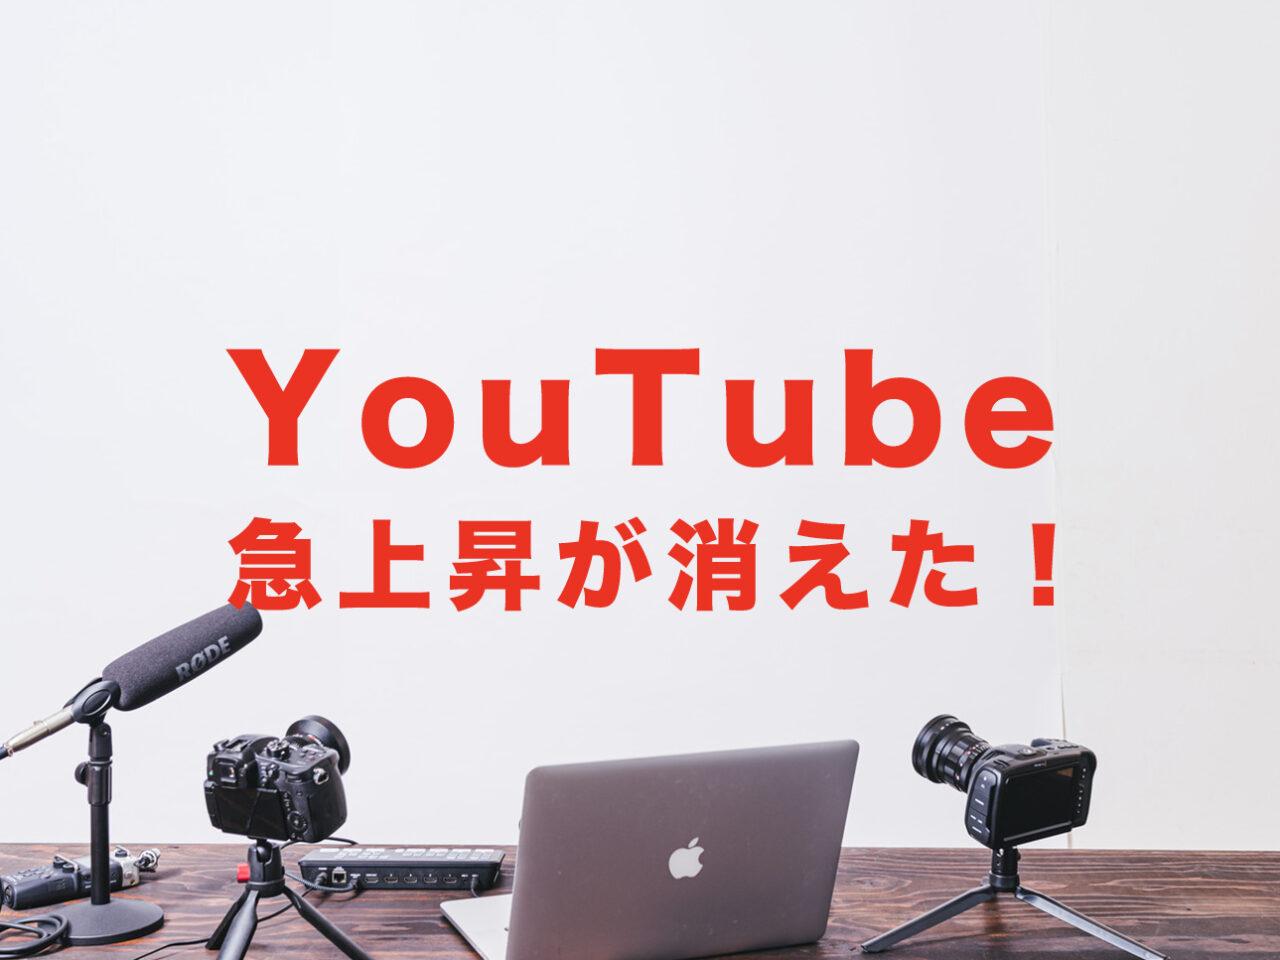 YouTube(ユーチューブ)で急上昇(探索&検索)が表示されない&なくなる&見れない!見る方法は?のサムネイル画像